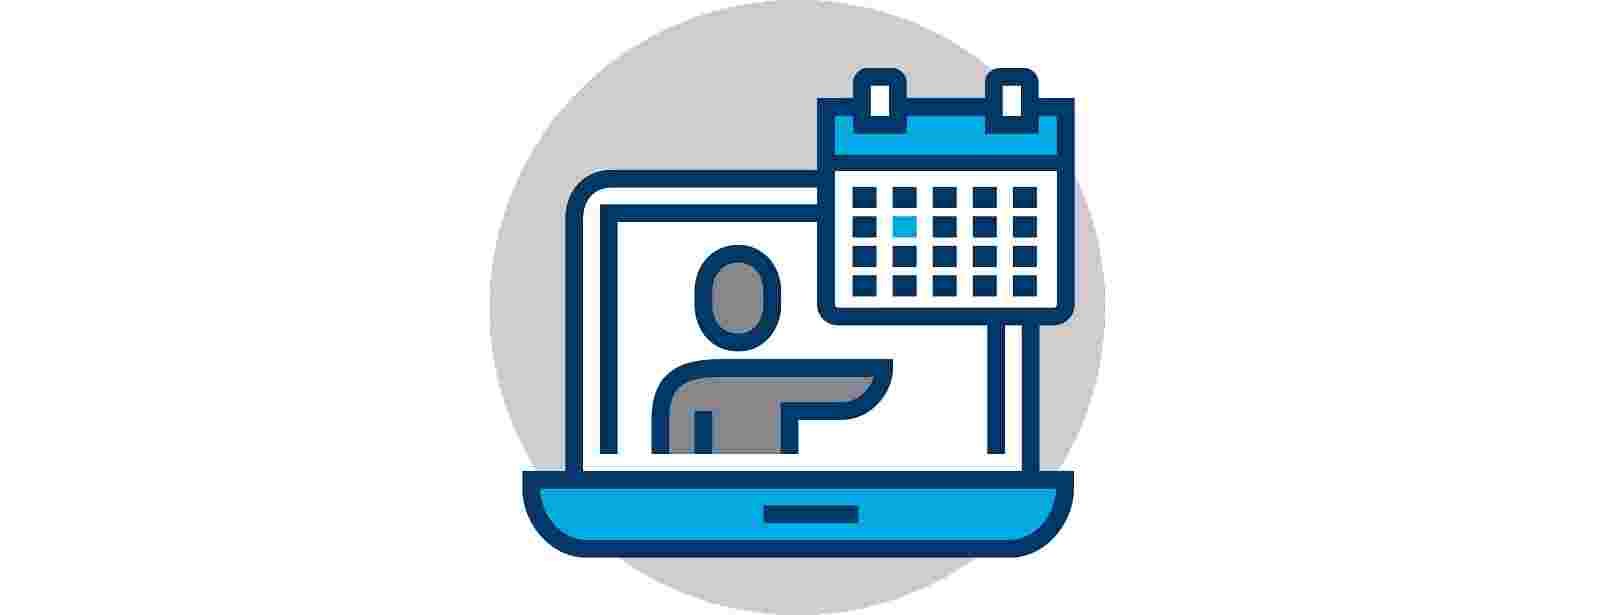 laptop and calendar